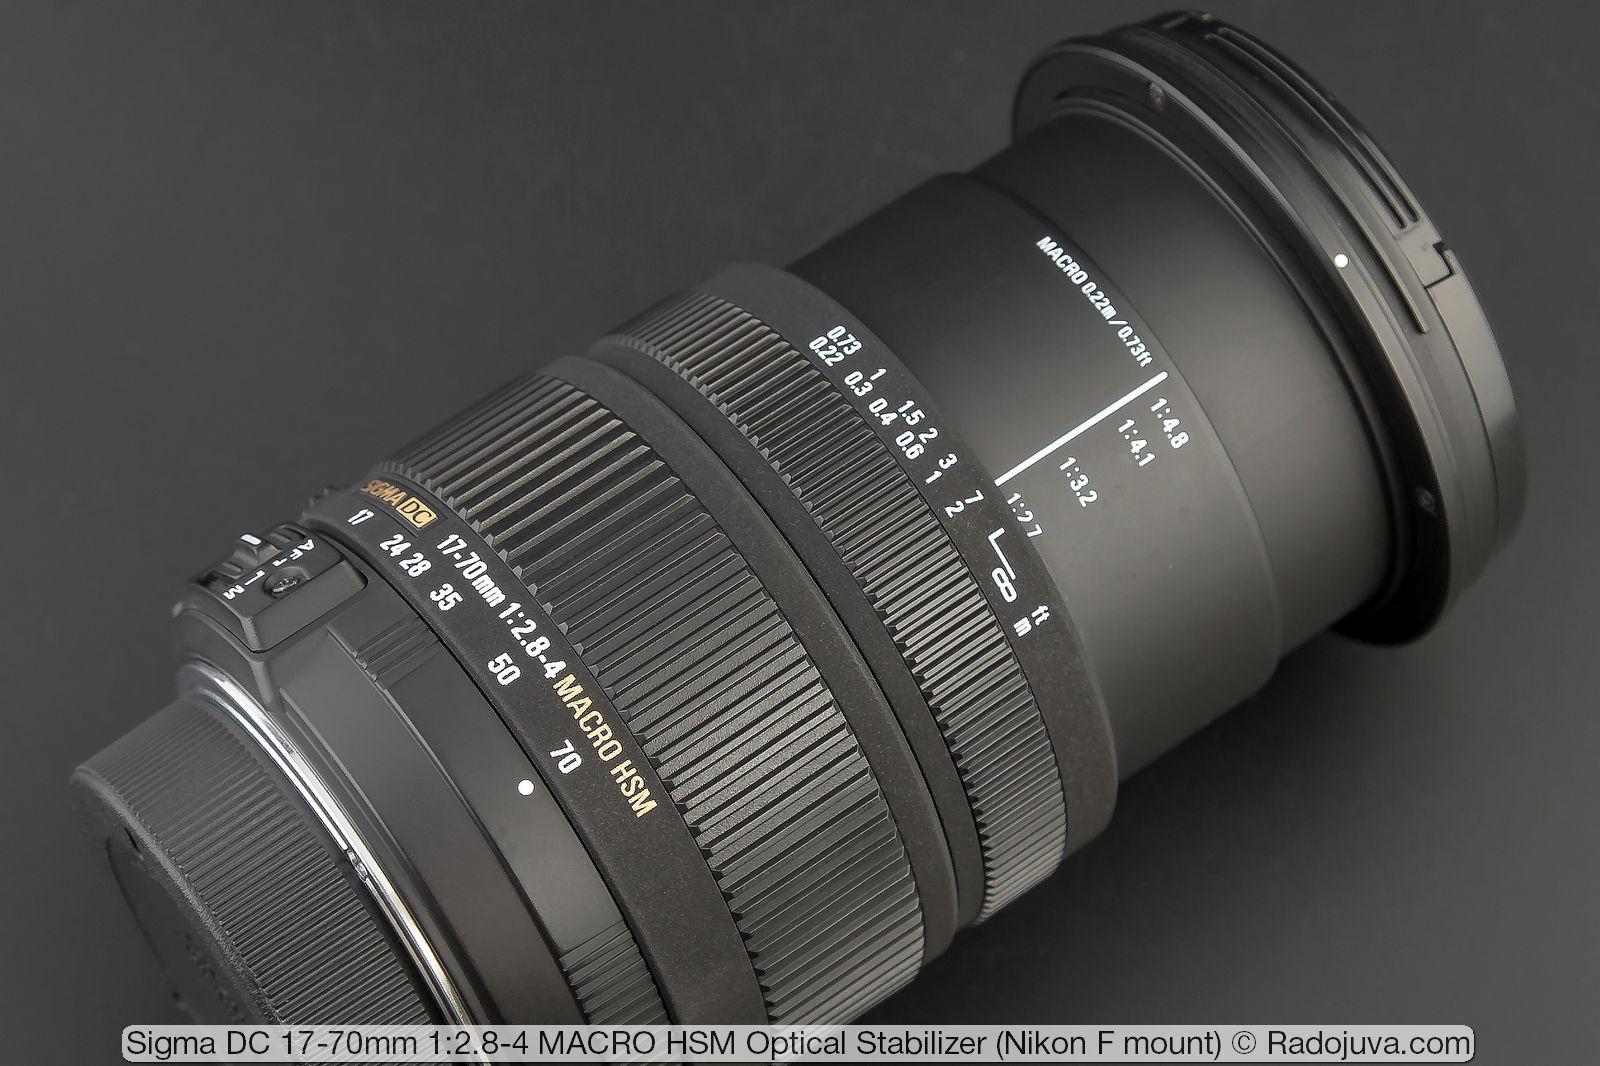 Sigma DC 17-70mm 1: 2.8-4 MACRO HSM Optical Stabilizer